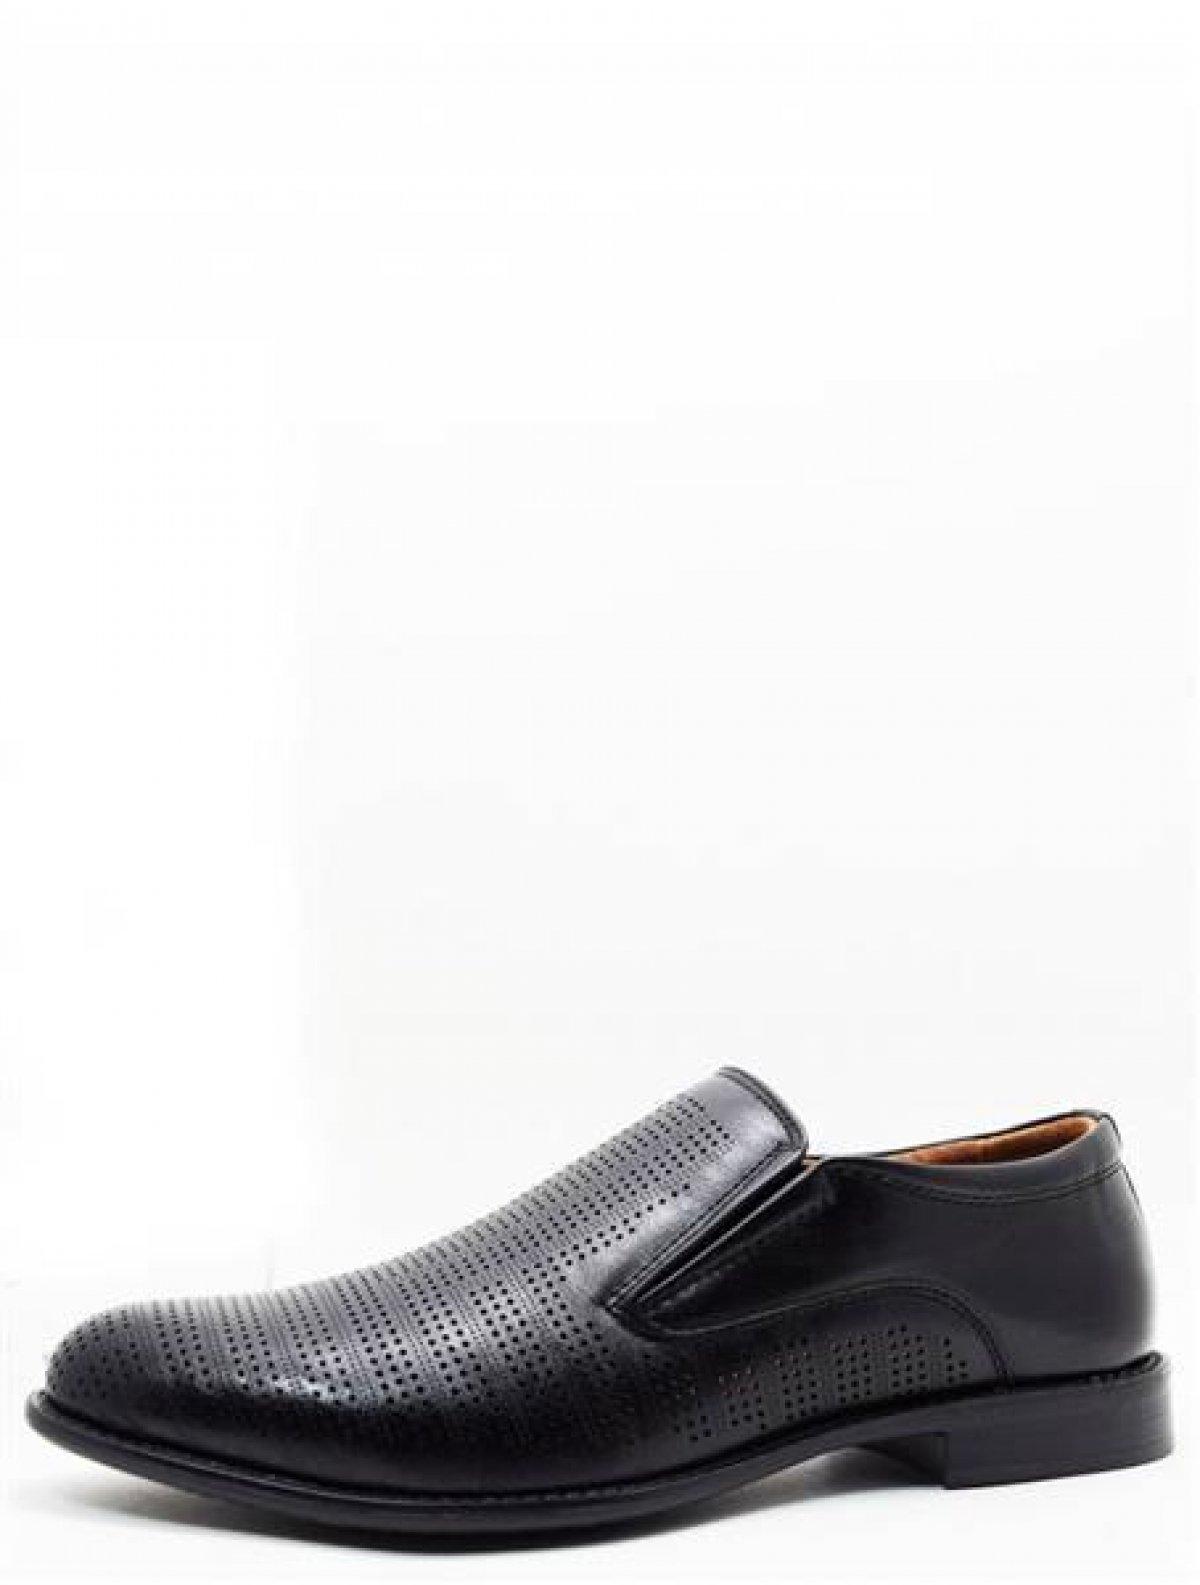 167214/04-01 туфли мужские